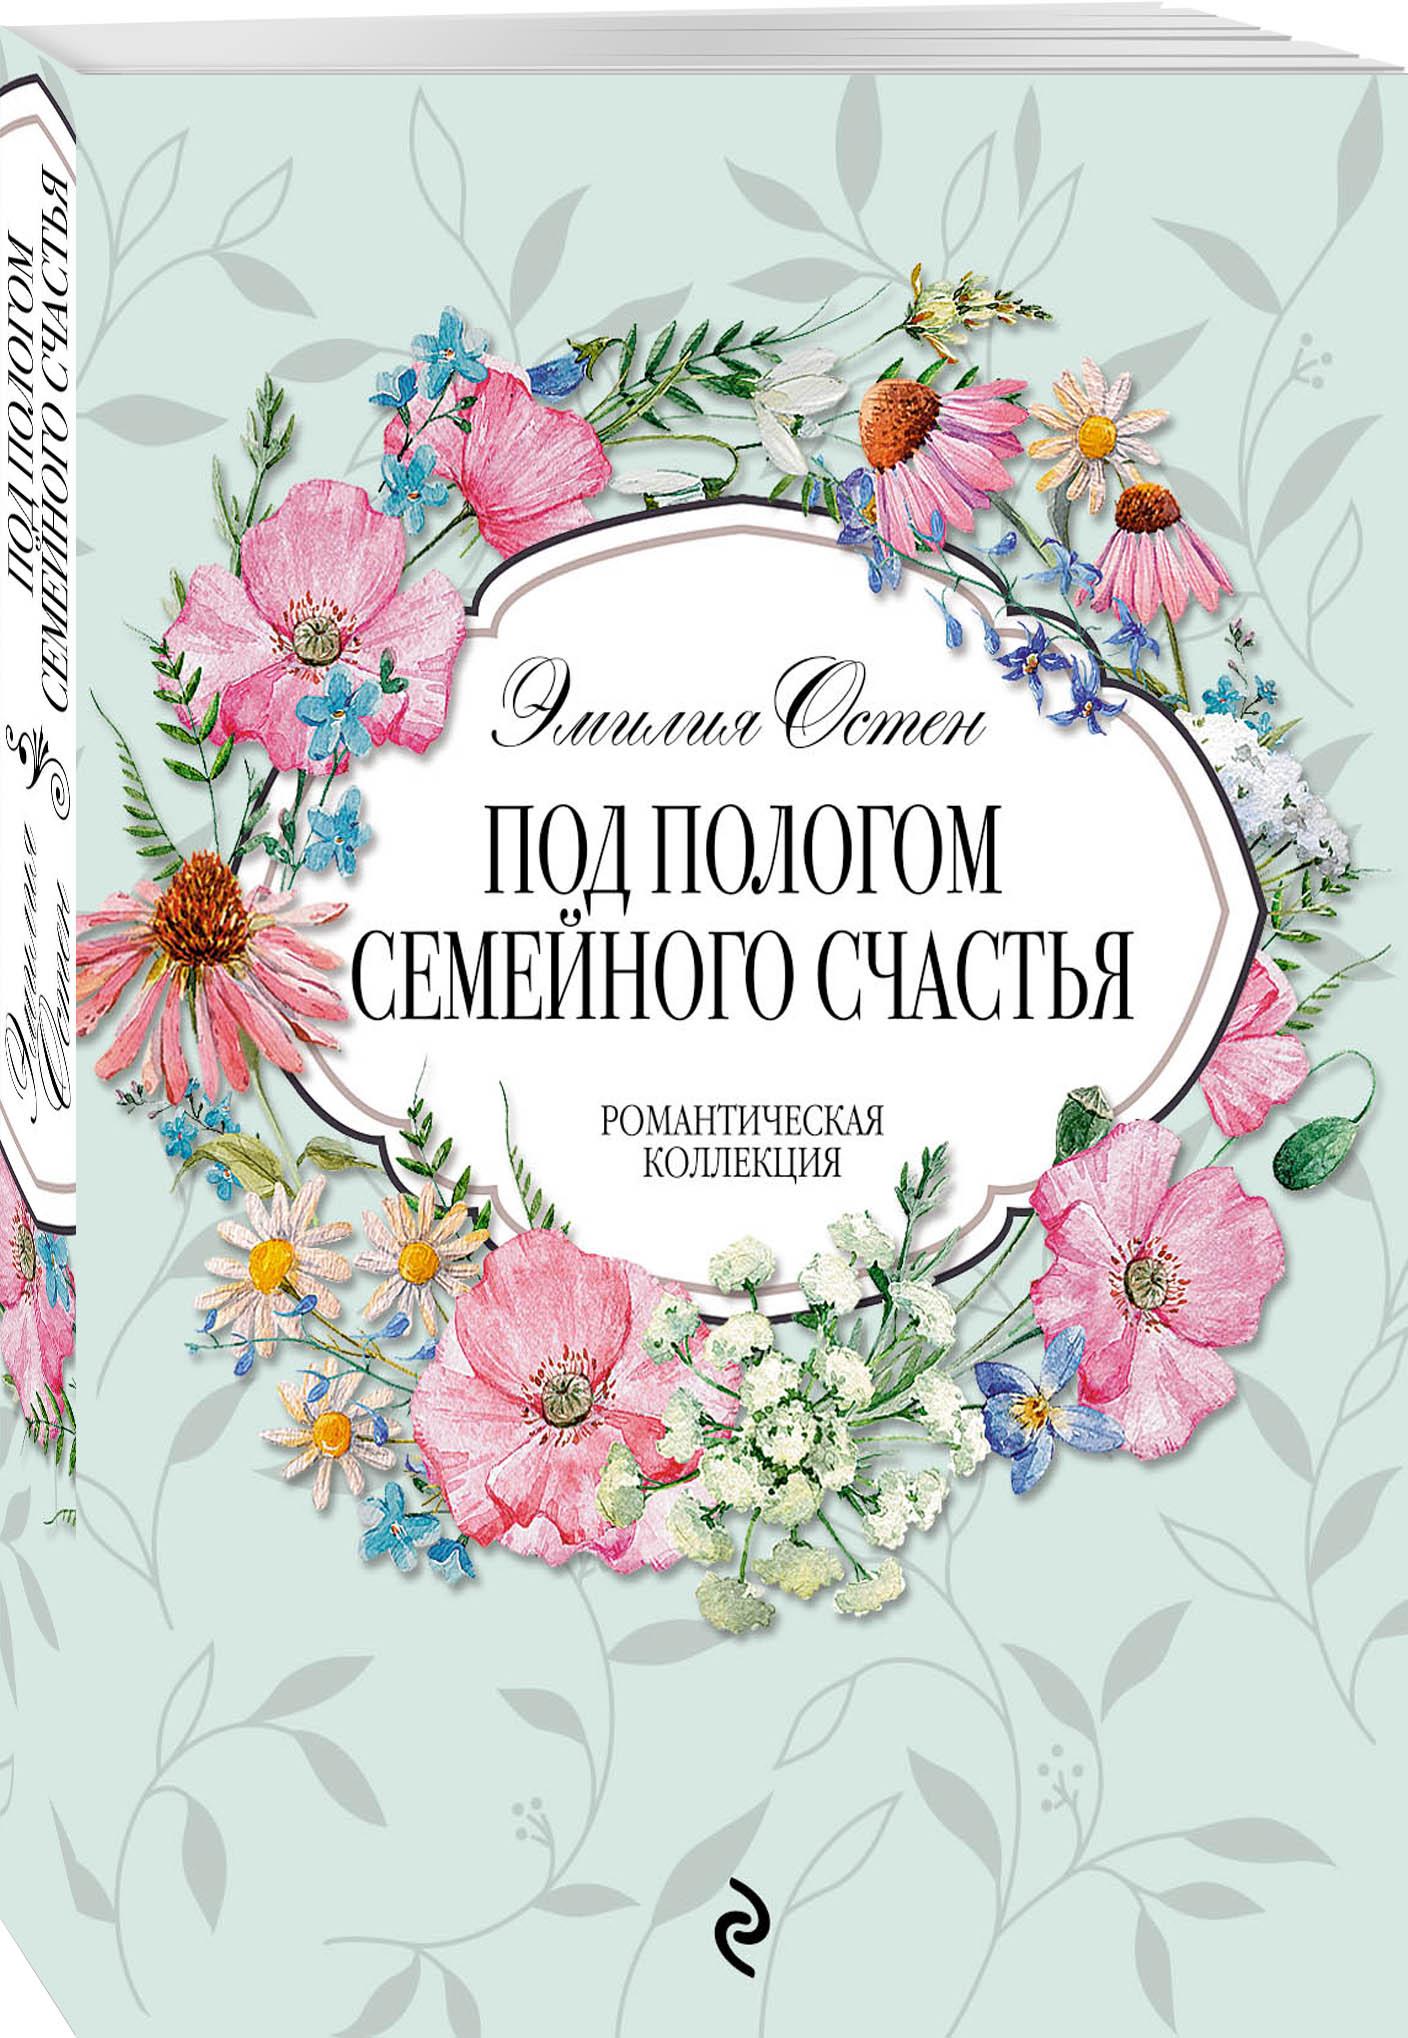 Эмилия Остен Под пологом семейного счастья пушкин а три девицы под окном